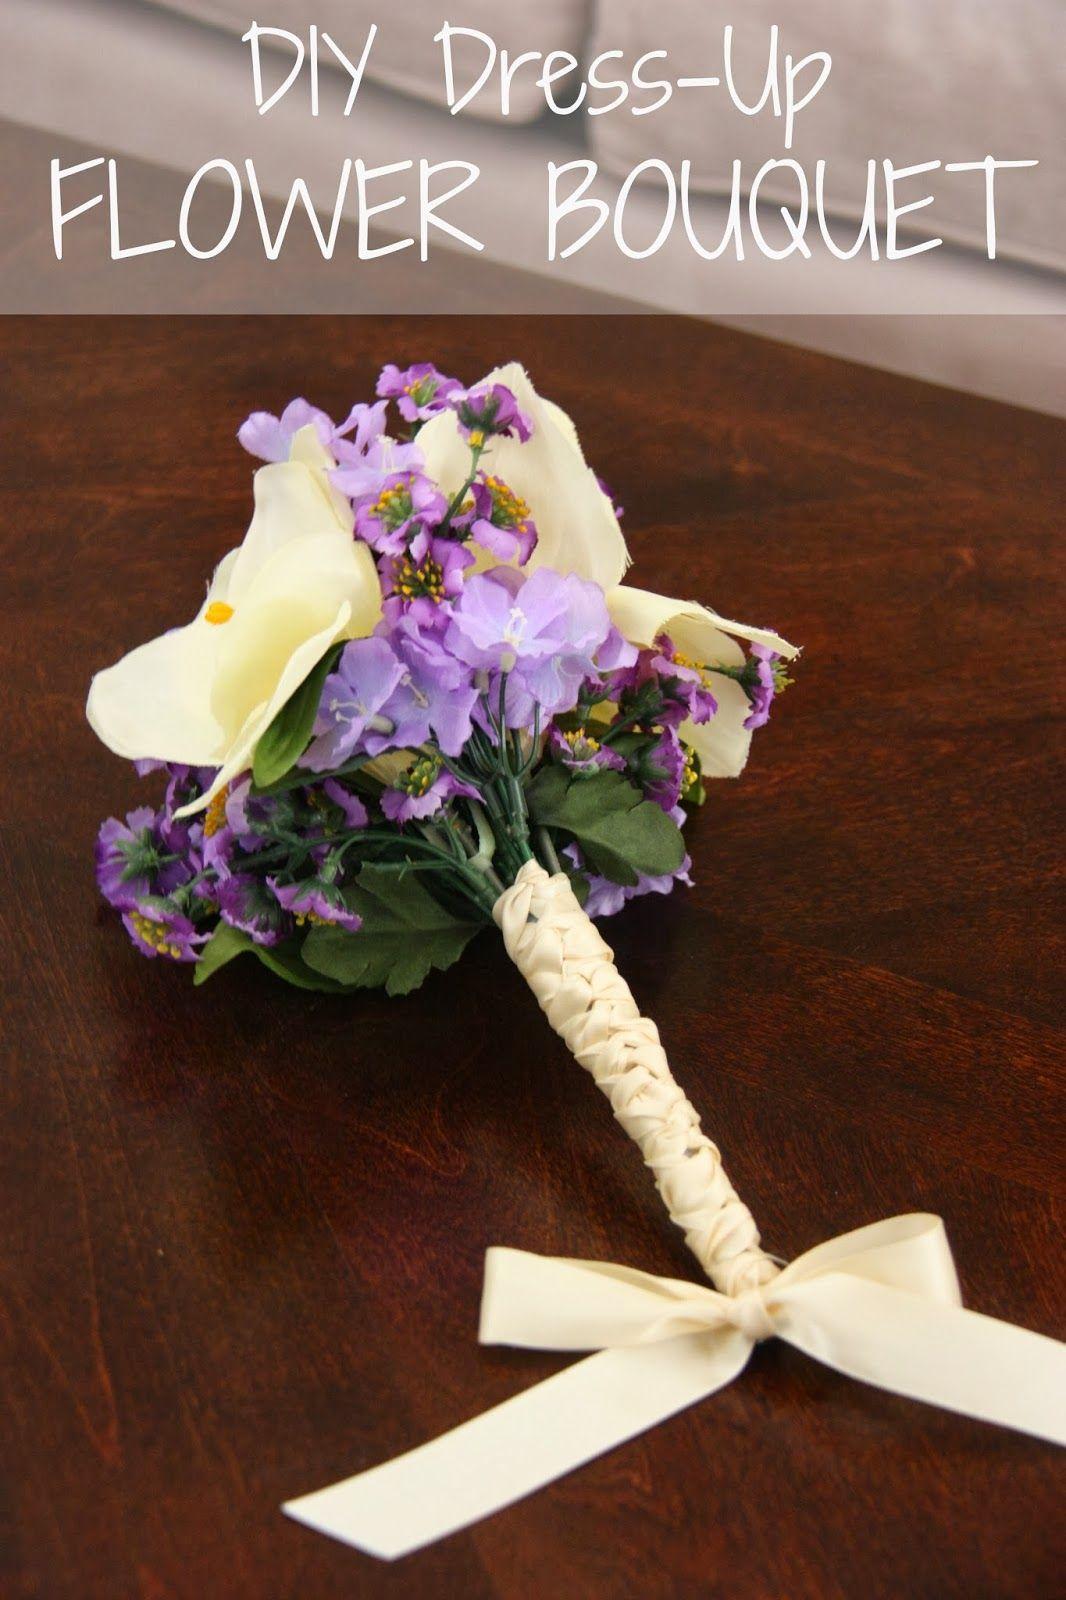 Diy dress up flower bouquet for rapunzels wedding dress